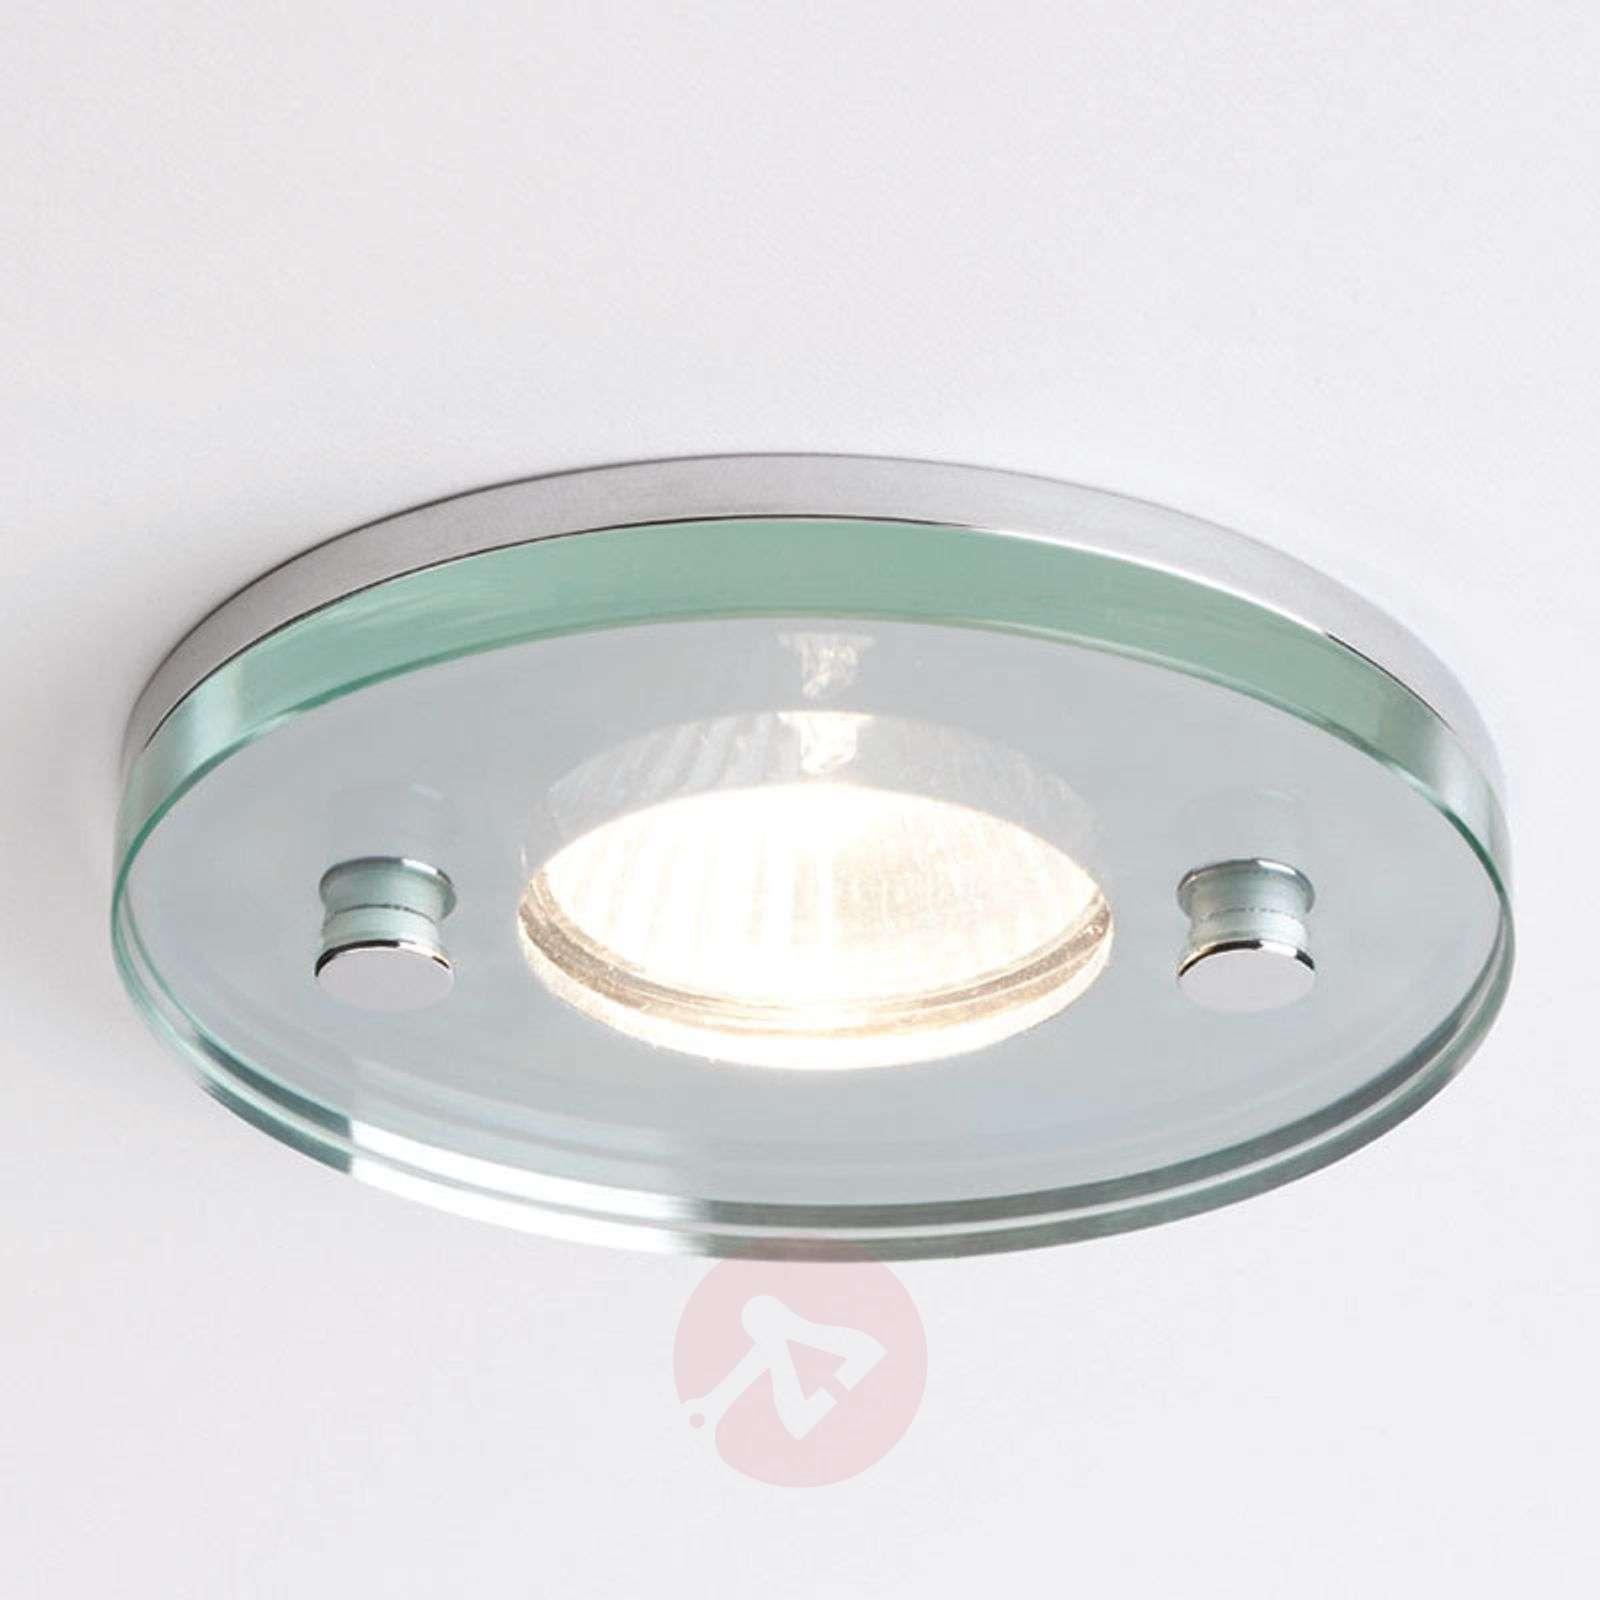 Ice Round Built-In Ceiling Light 12 V-1020107-02